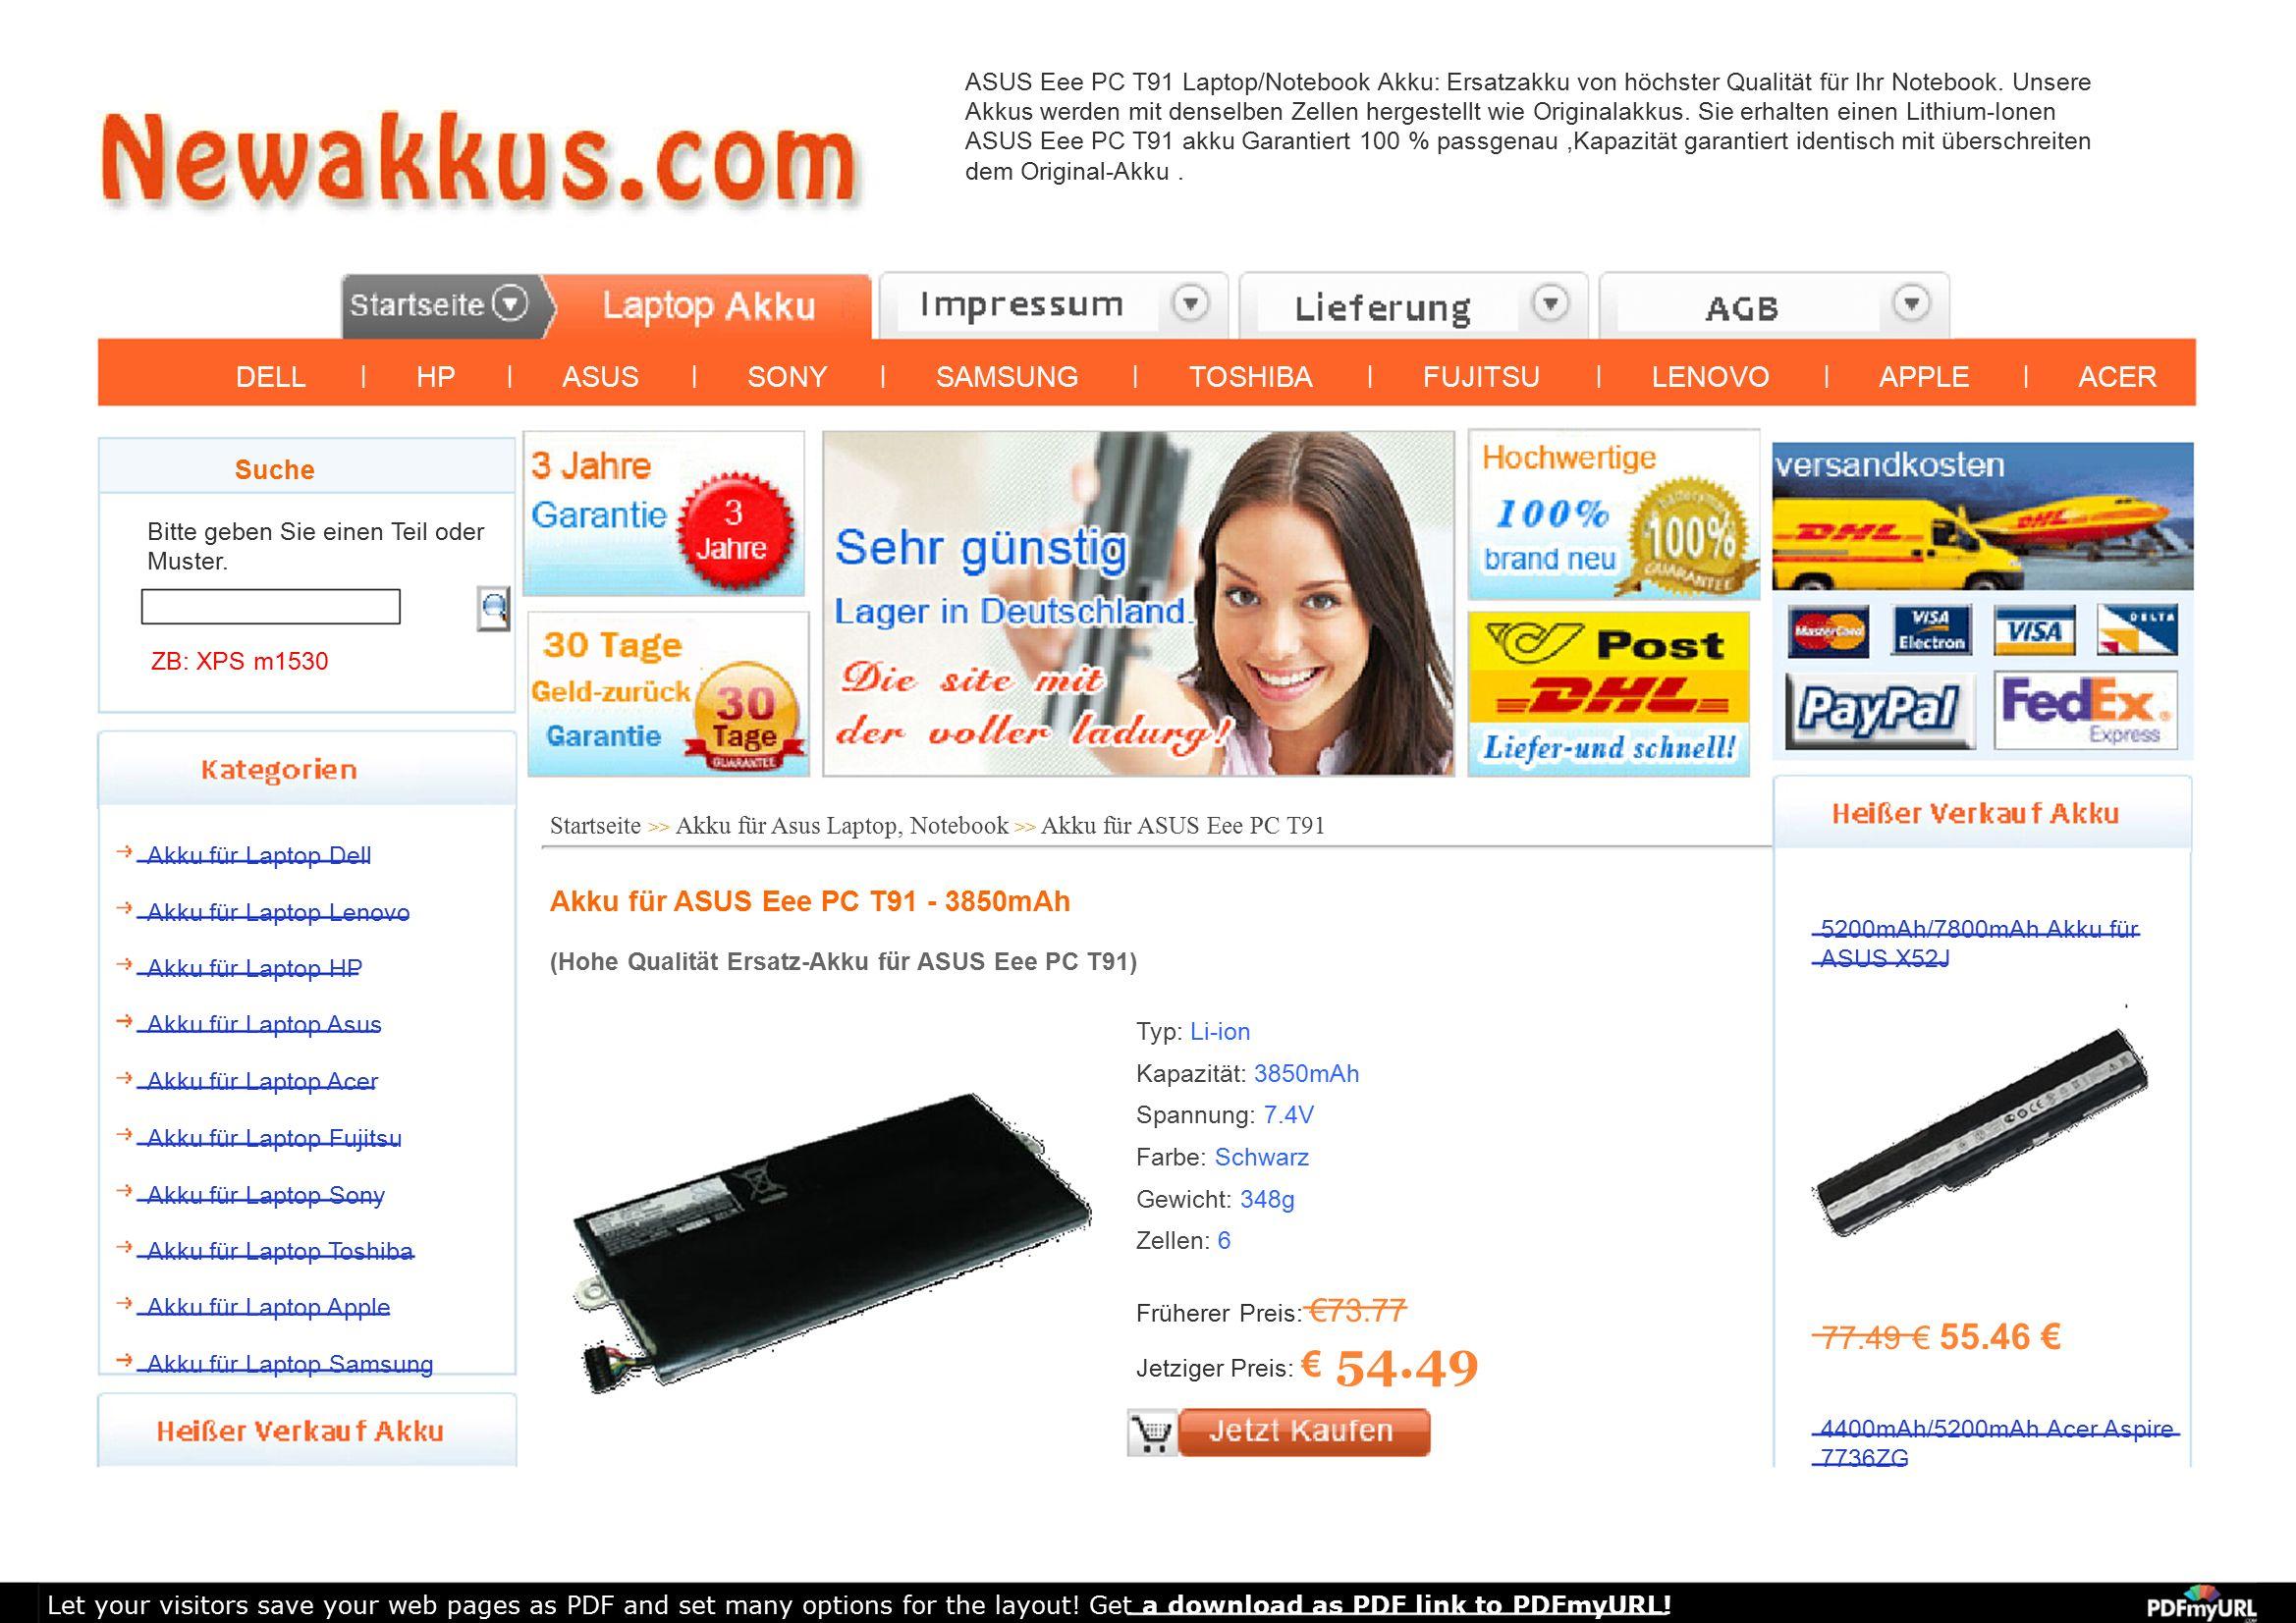 ASUS Eee PC T91 Laptop/Notebook Akku: Ersatzakku von höchster Qualität für Ihr Notebook. Unsere Akkus werden mit denselben Zellen hergestellt wie Orig